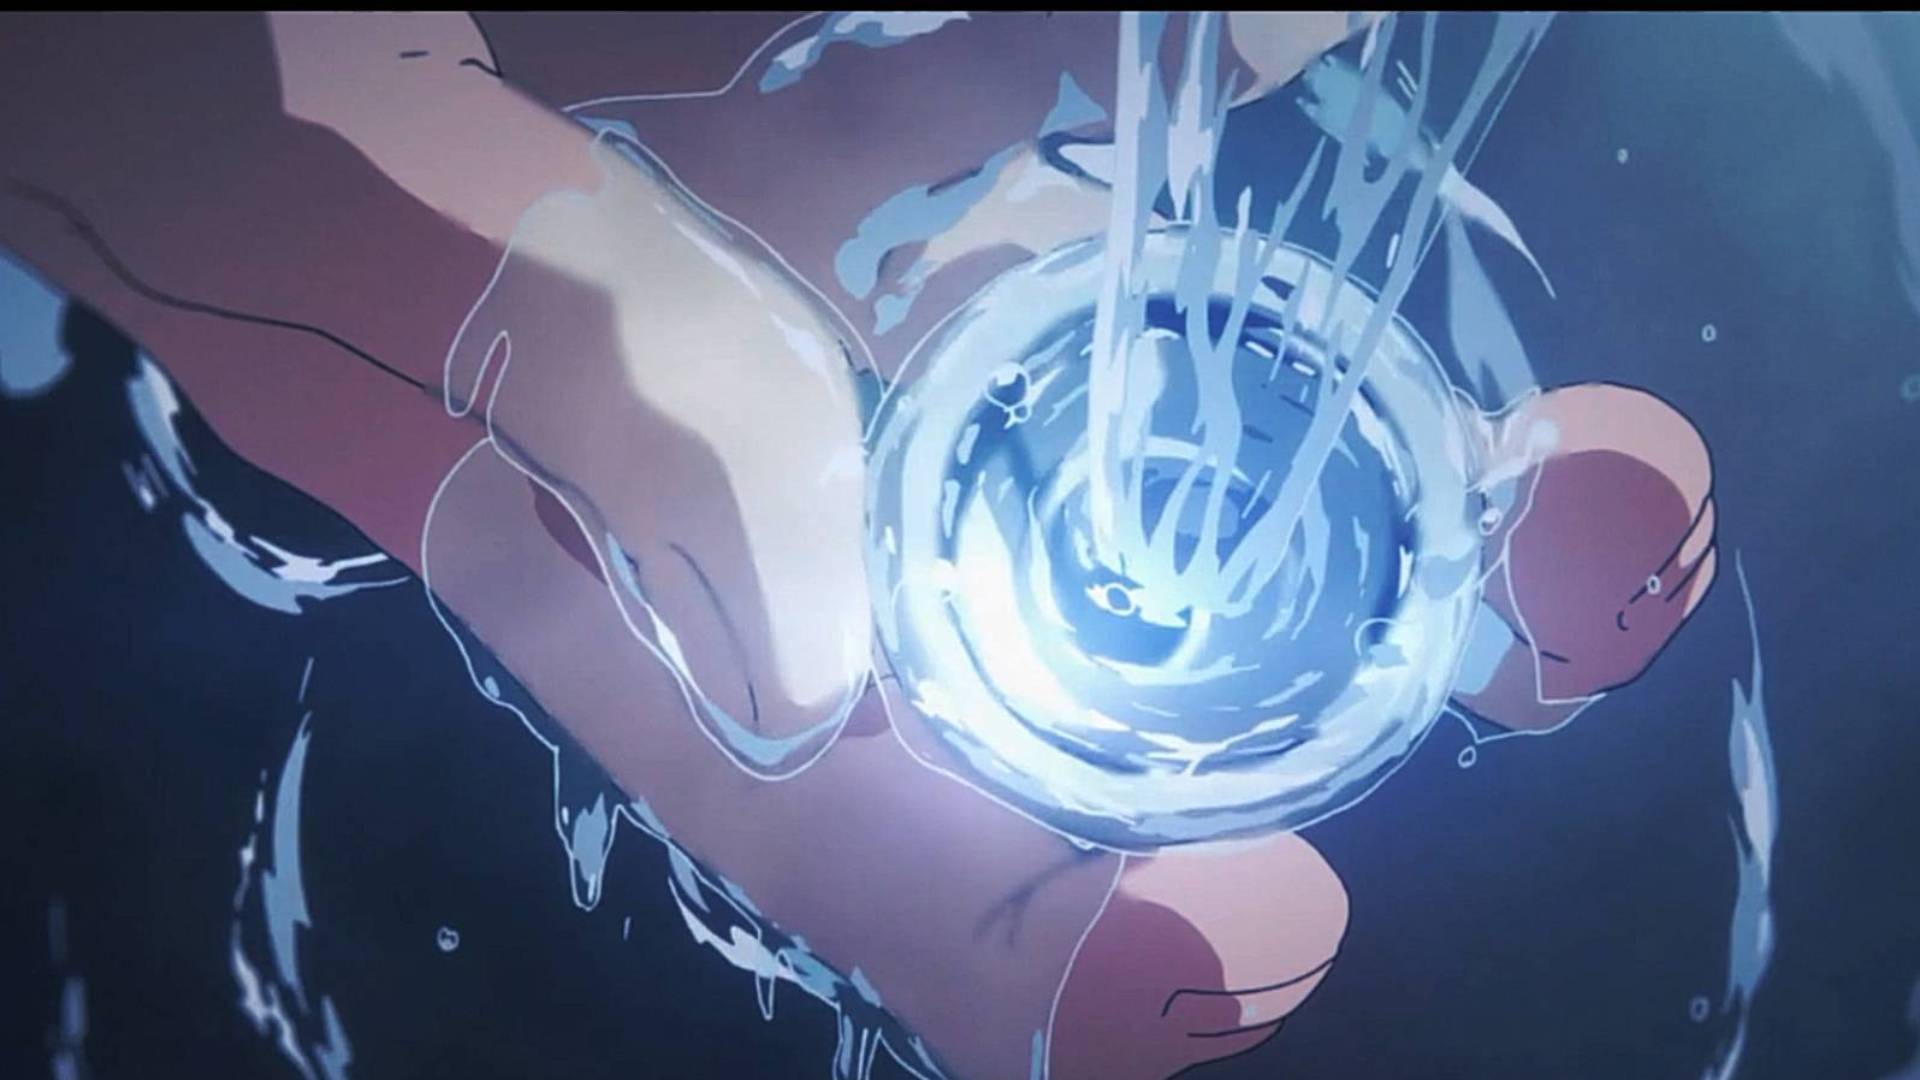 【极限画质】这光,这水,这天,我先死为敬